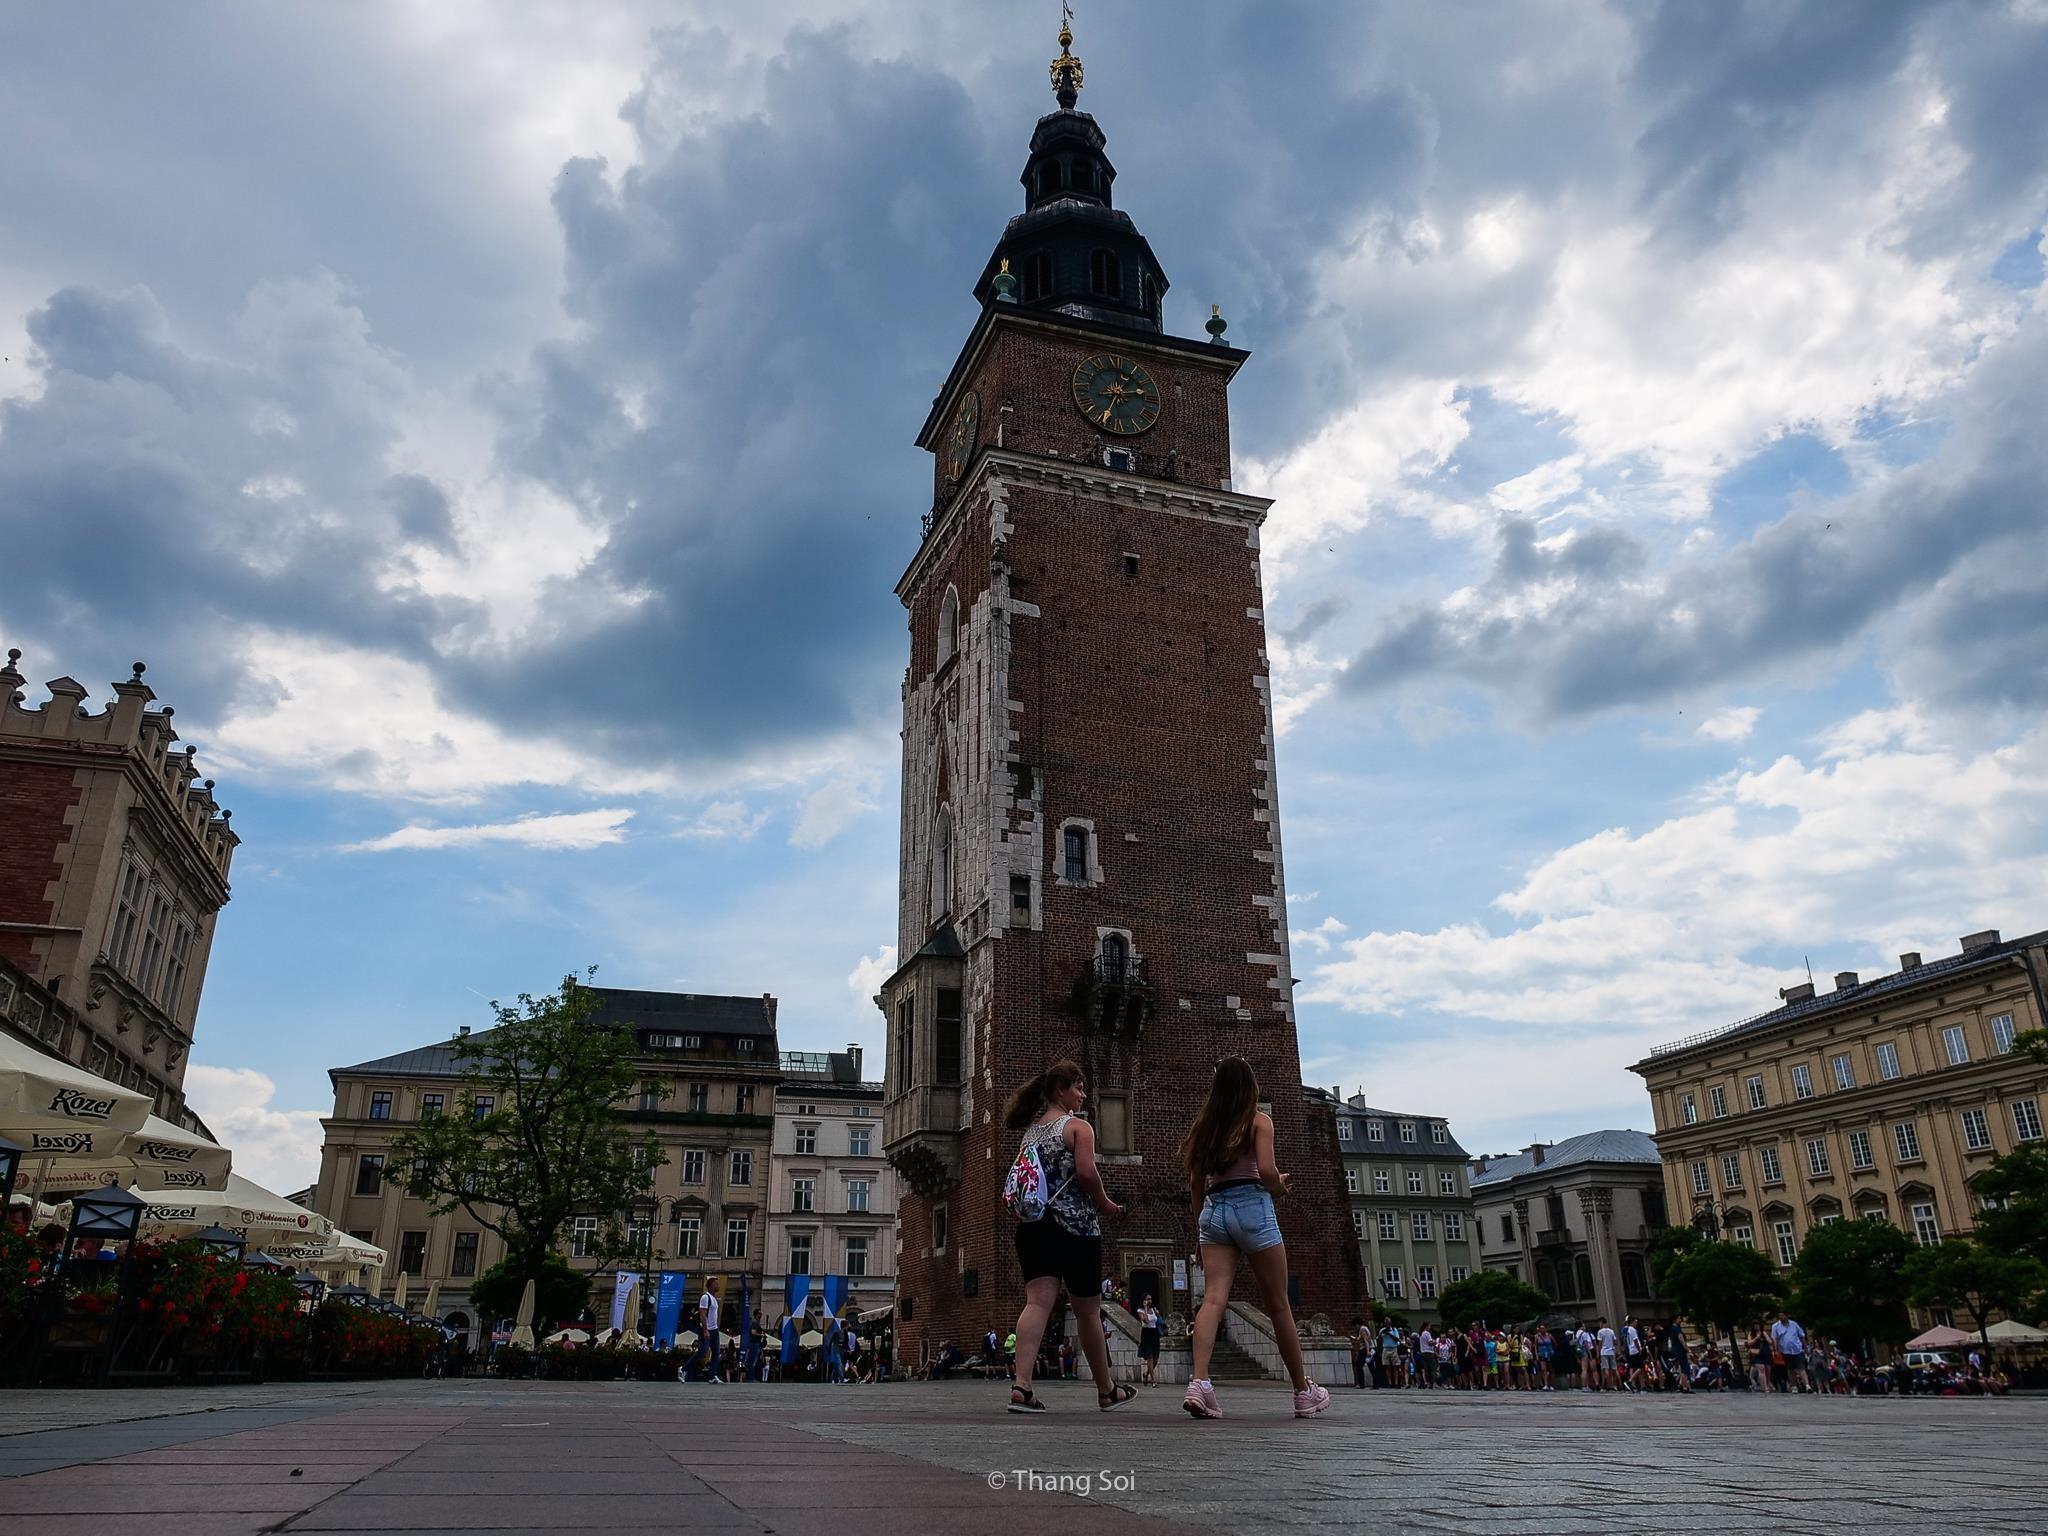 Krakow, kinh do co phai ghe tham khi den Ba Lan hinh anh 41